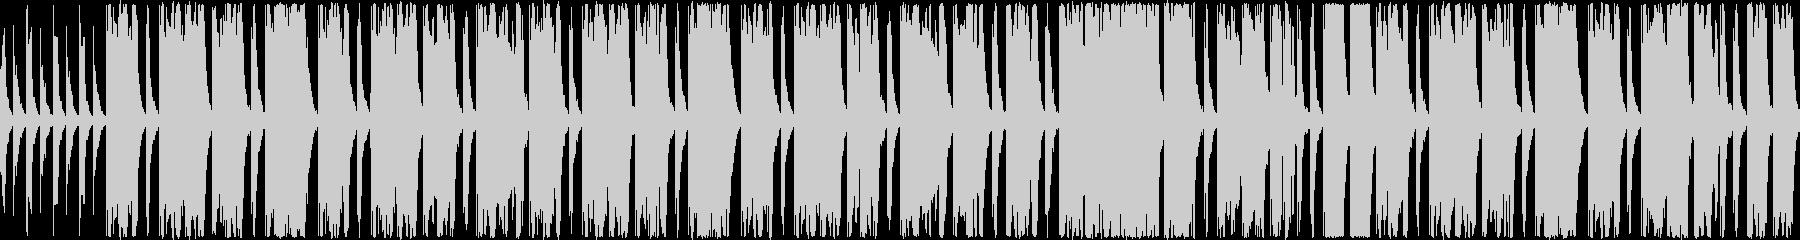 振り子のチクタク、という刻みに乗ったゆ…の未再生の波形